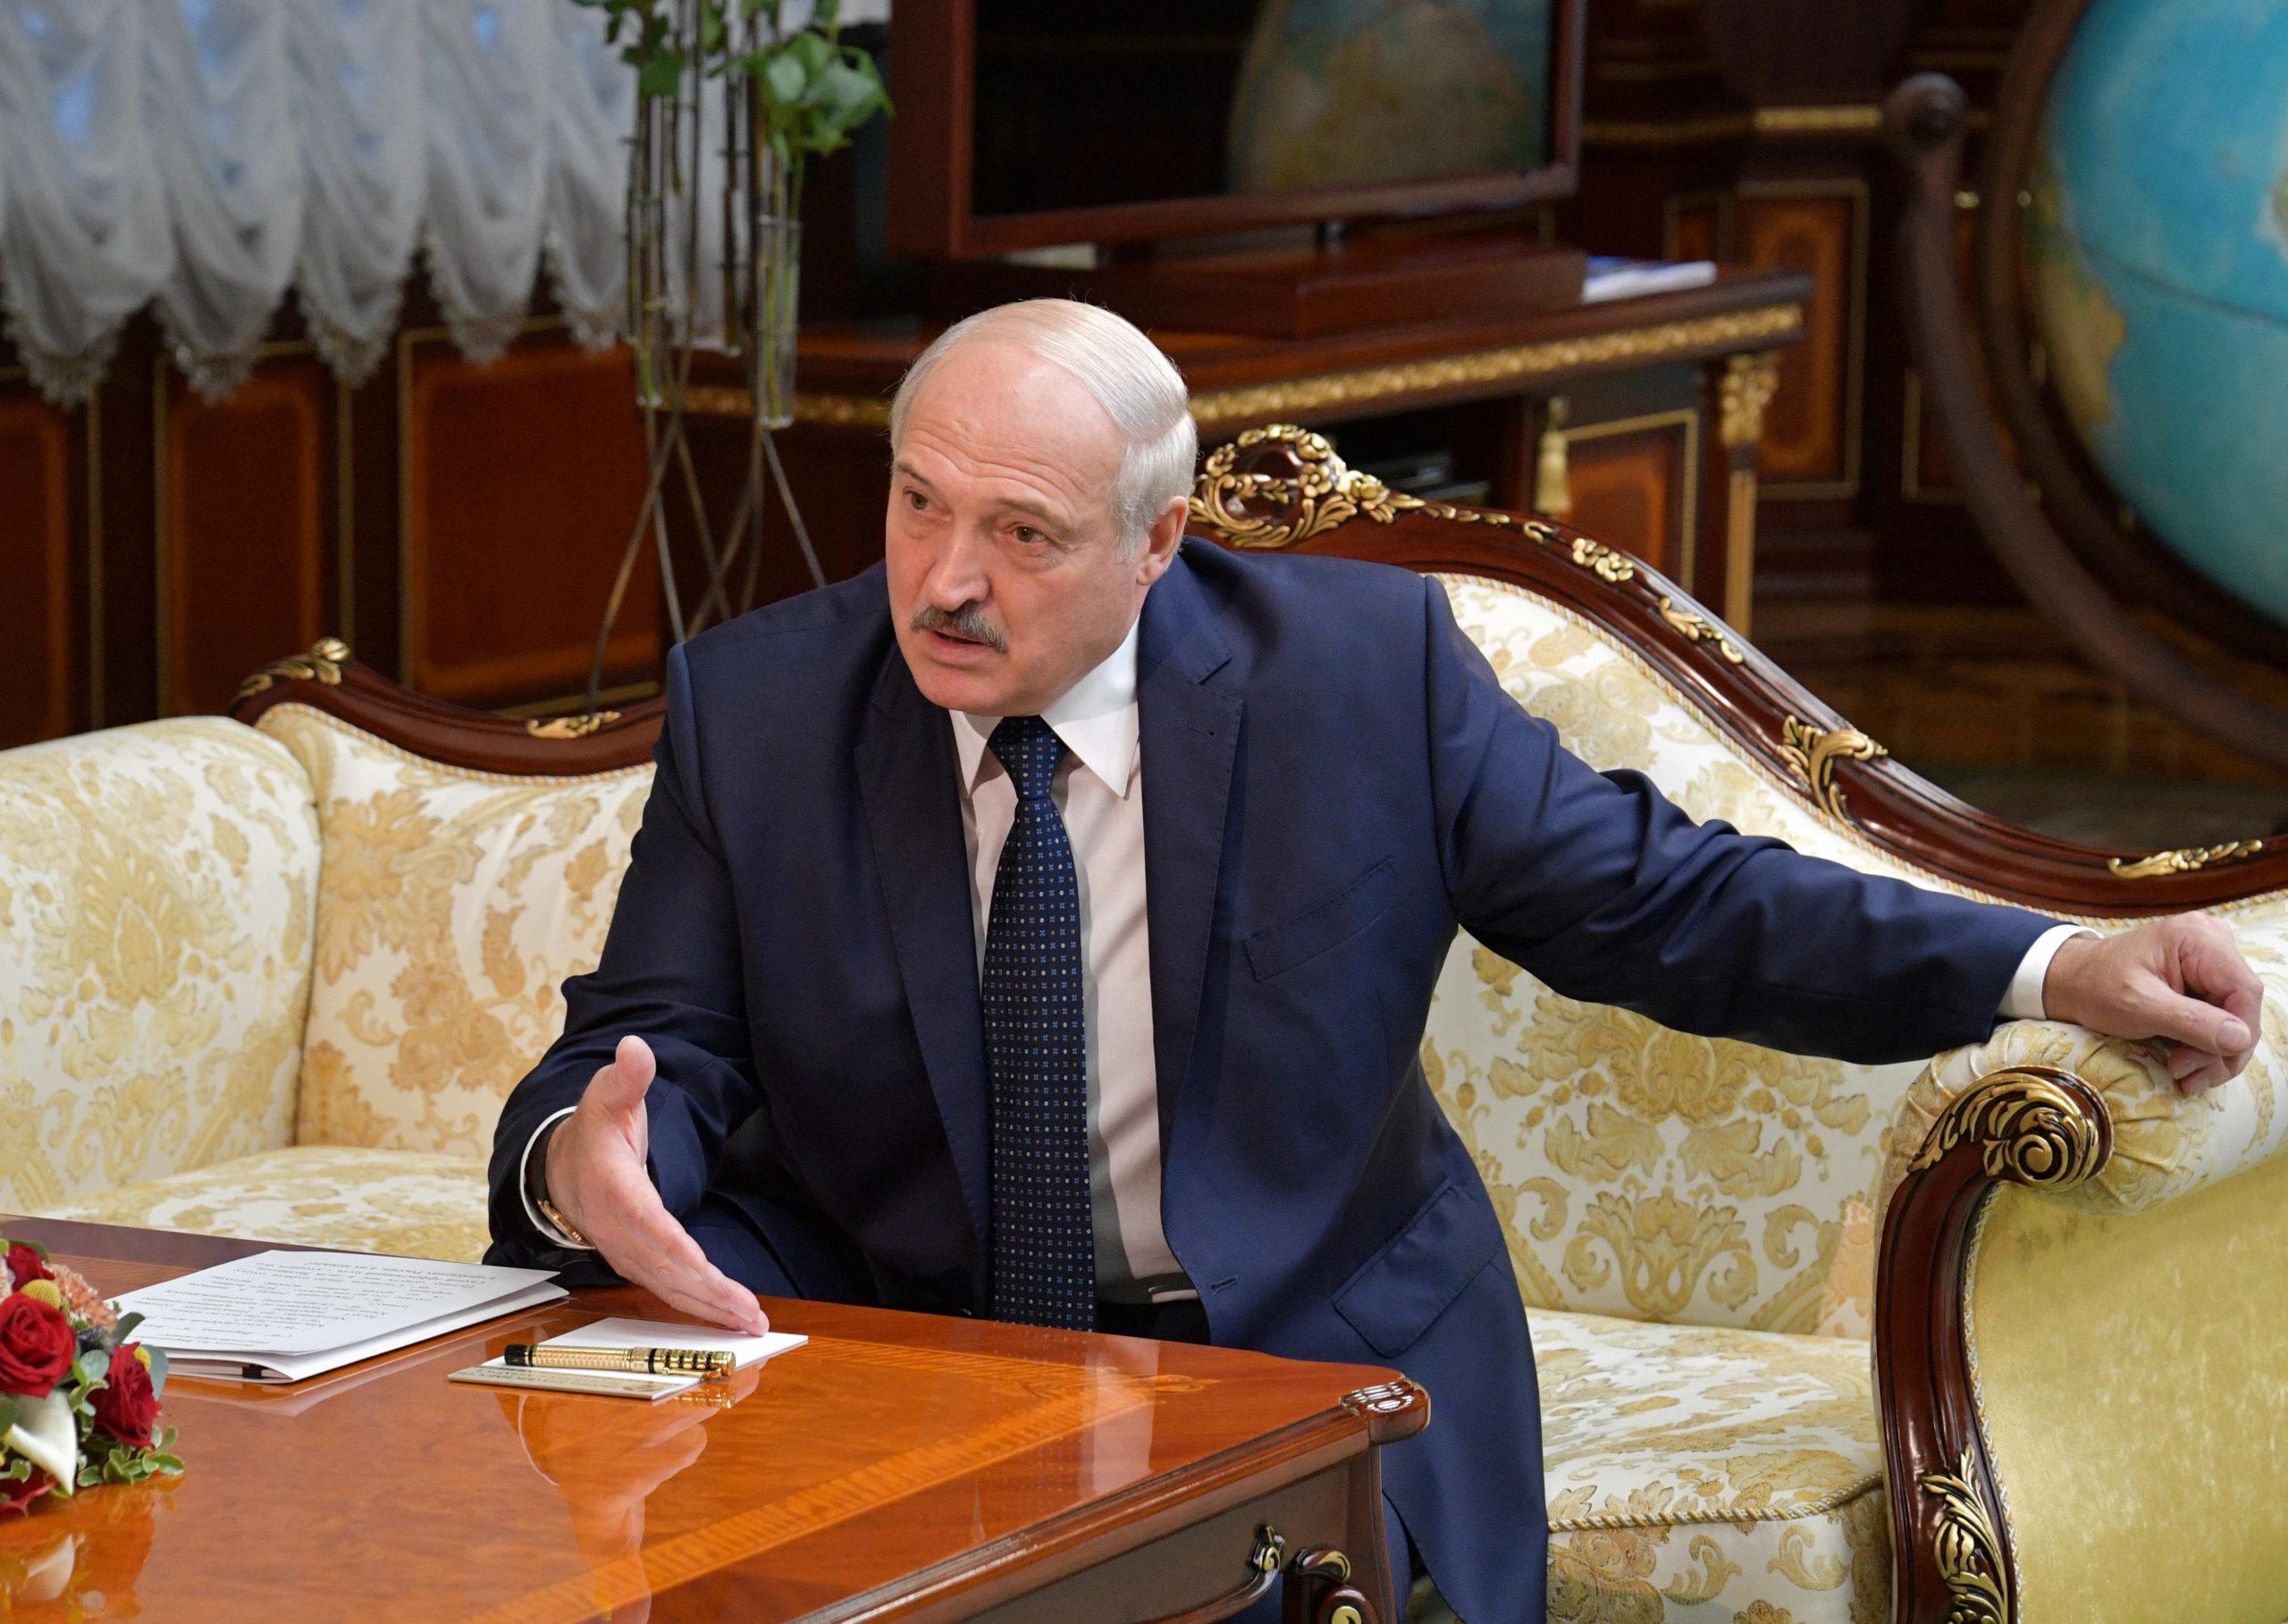 Biélorussie: Loukachenko dit avoir demandé des armes à Poutine